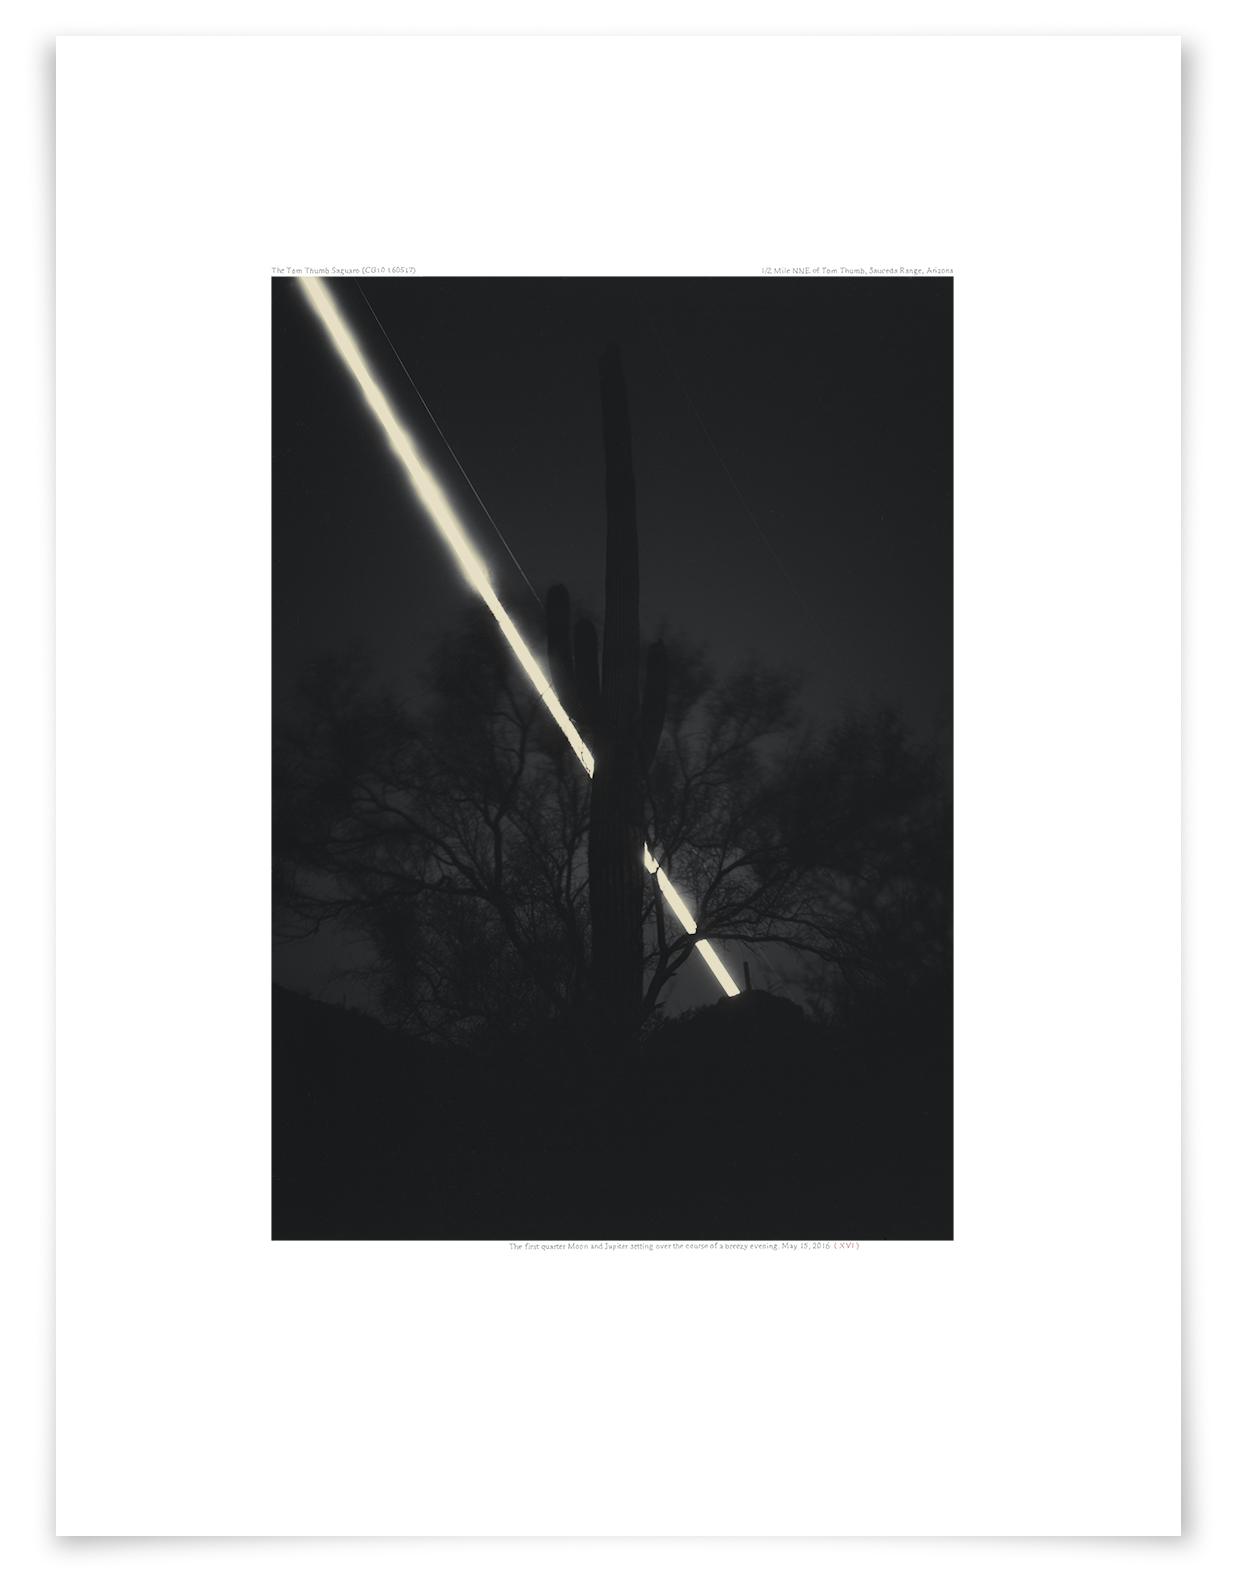 The Tom Thumb Saguaro (CG10 160515)   24 x 18 in (61 x 46 cm)